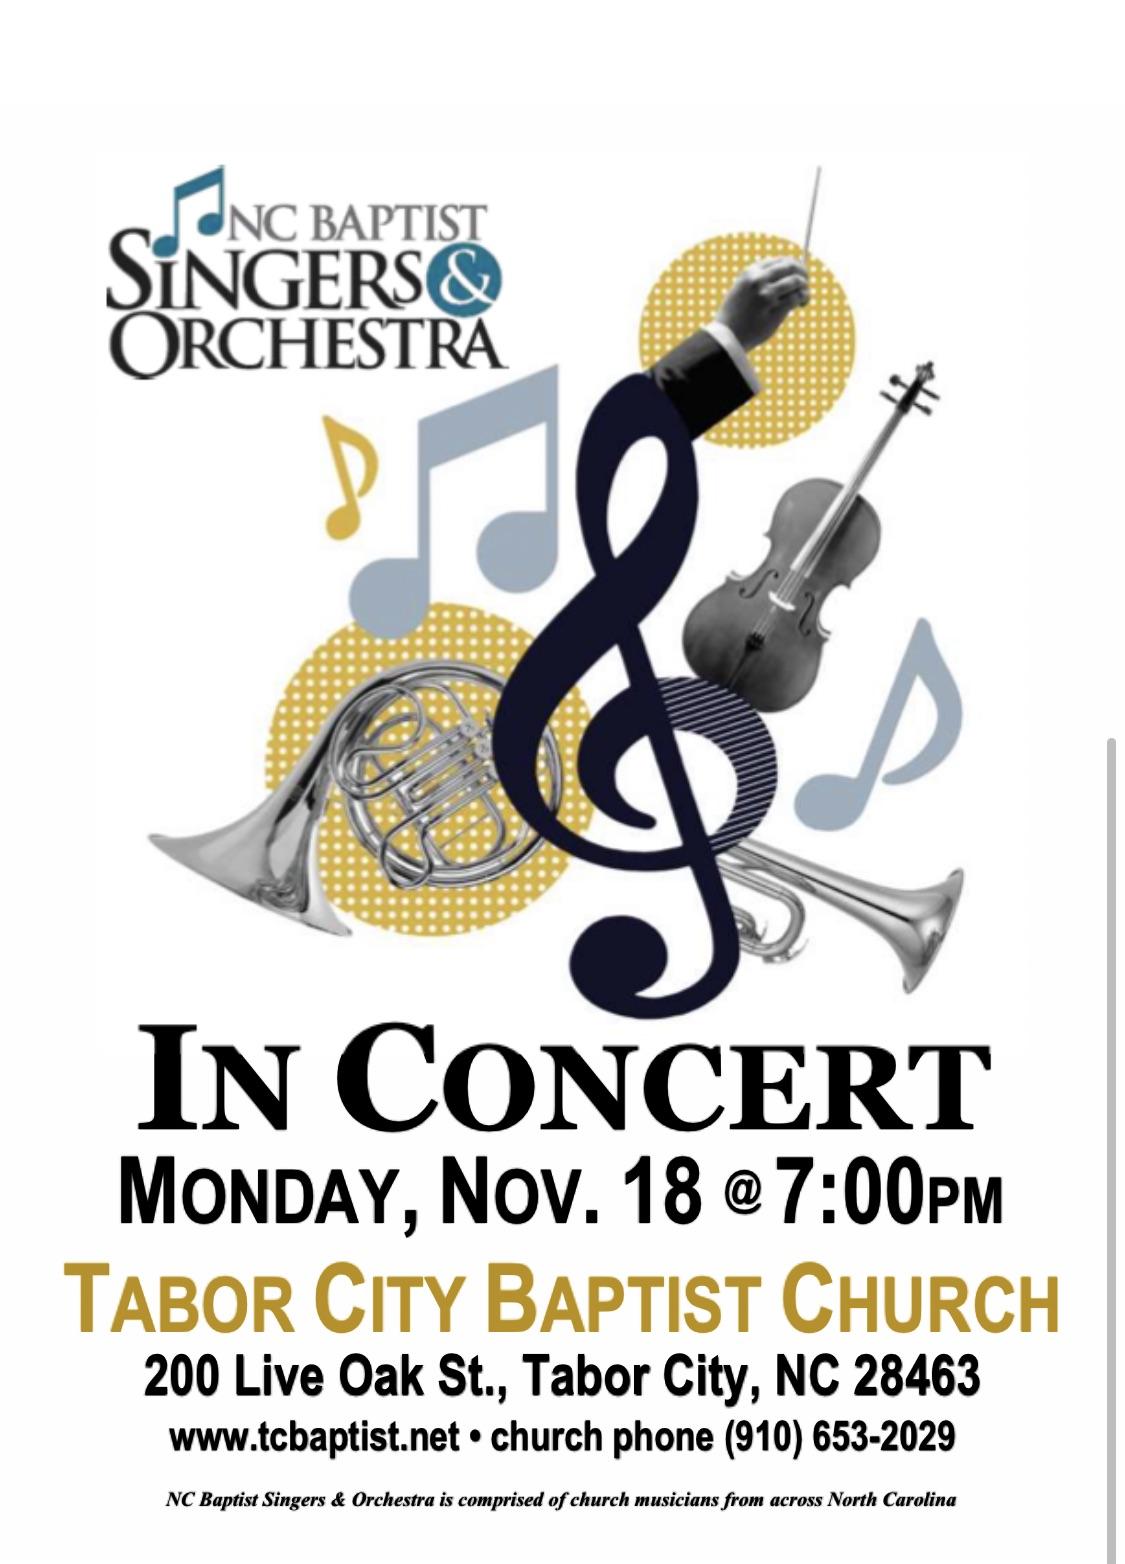 NC Baptist Singers & Orchestra at Tabor City Baptist Church, Monday, November 18, 2019